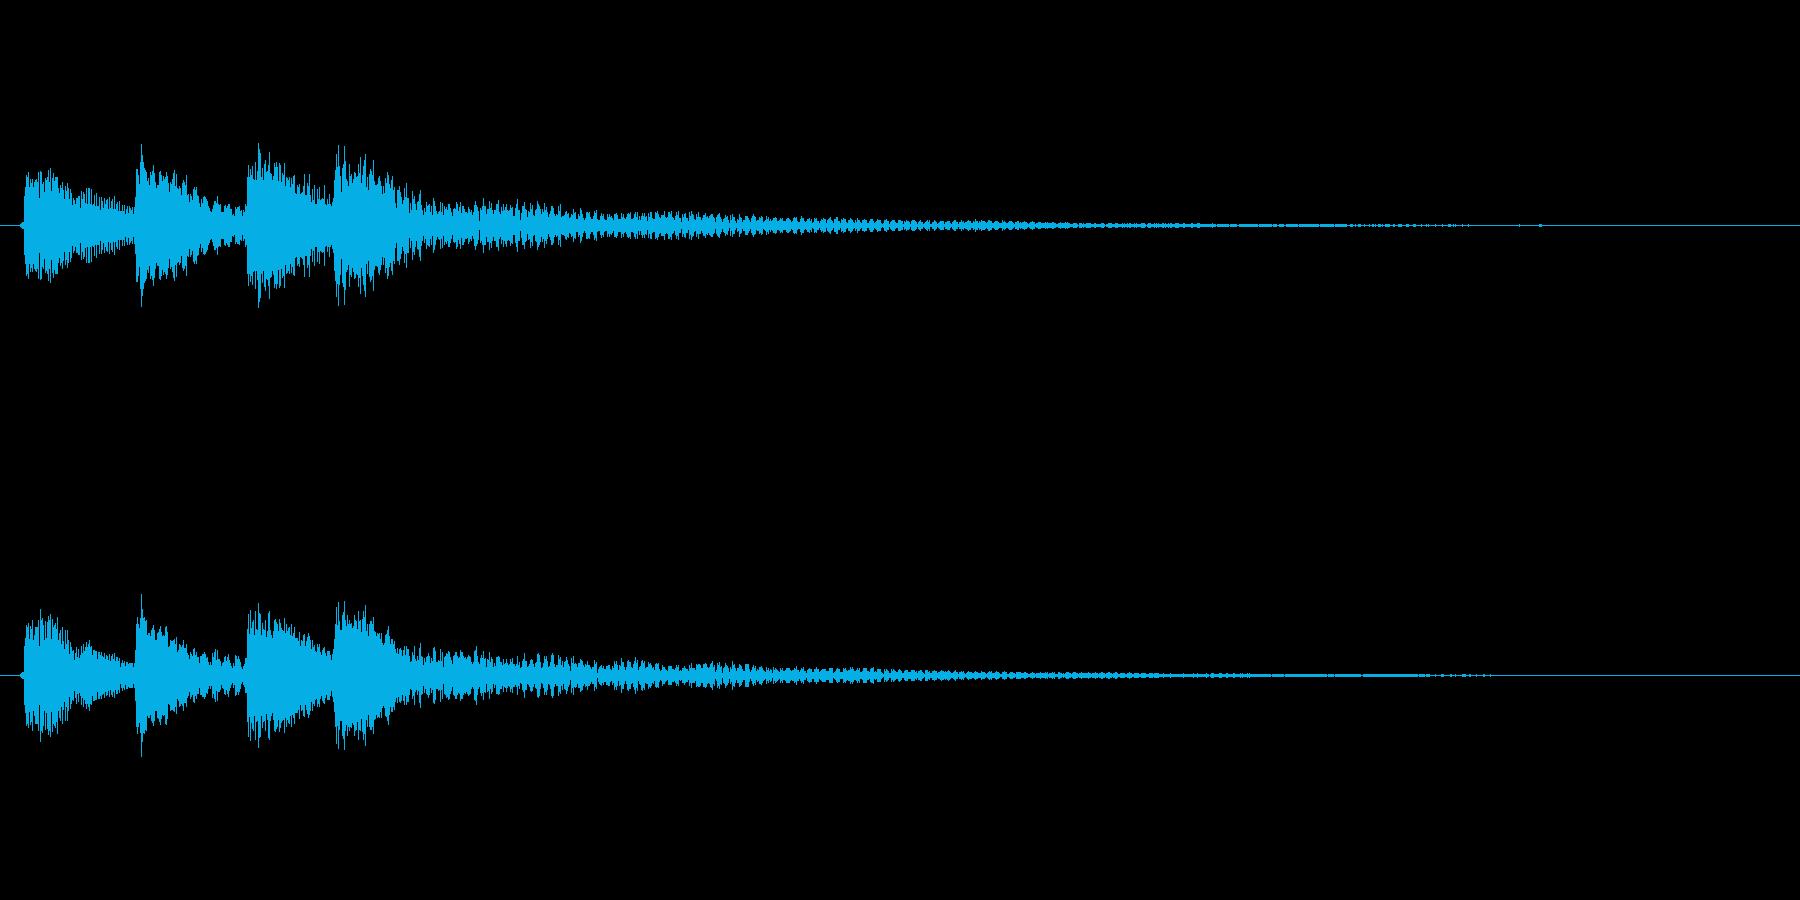 暖かく、少しオシャレな効果音ですの再生済みの波形